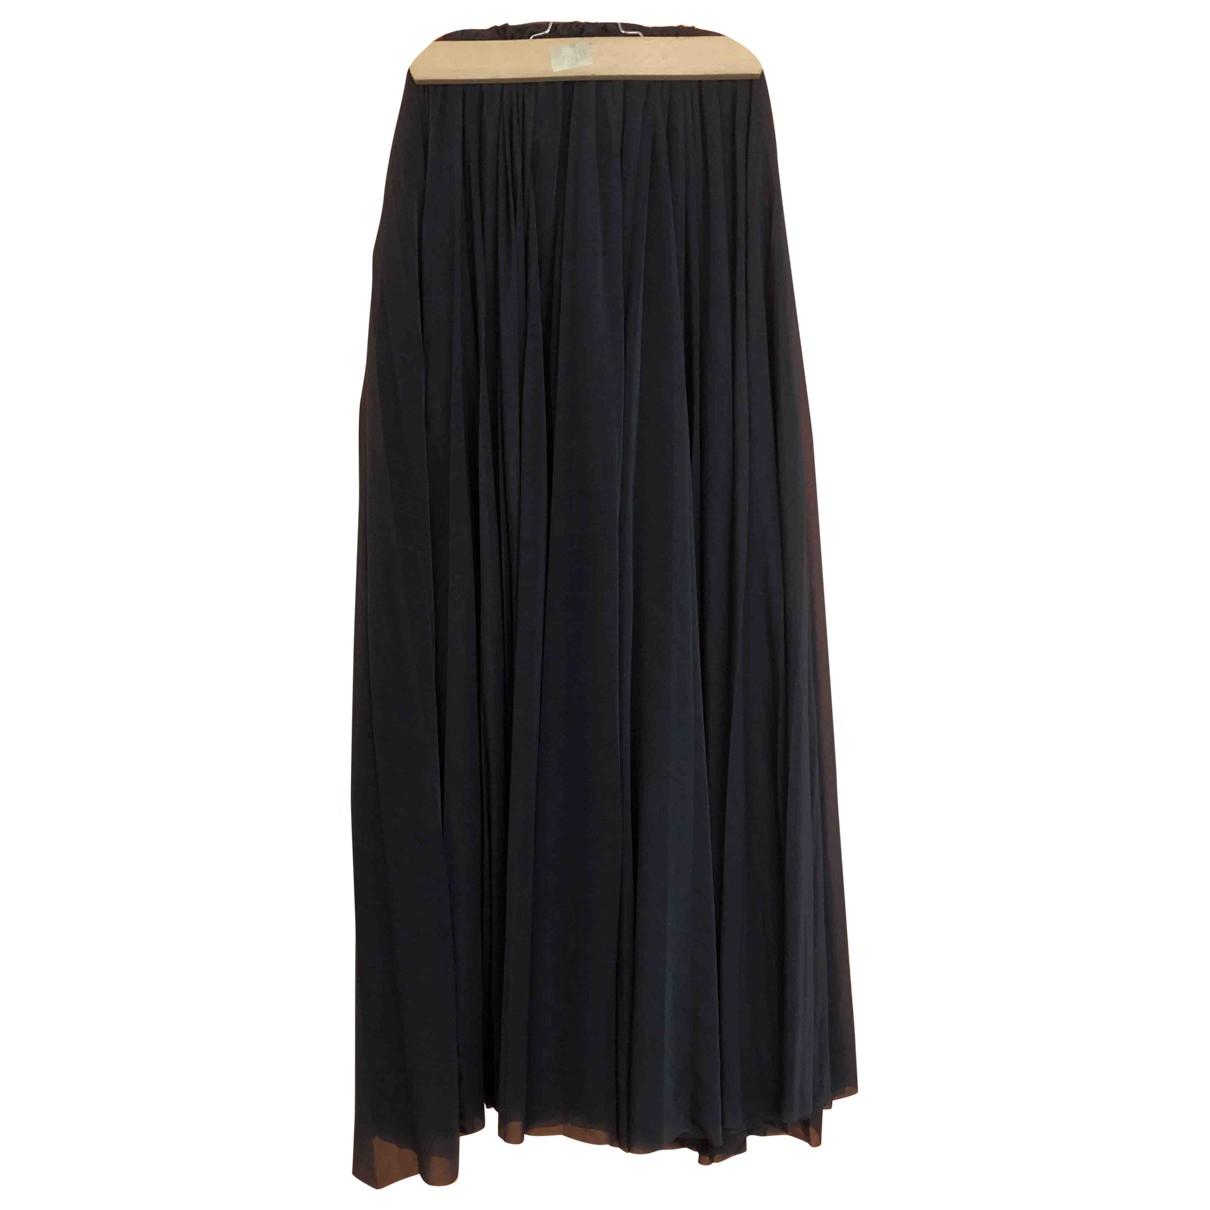 Celine \N Anthracite skirt for Women 38 FR